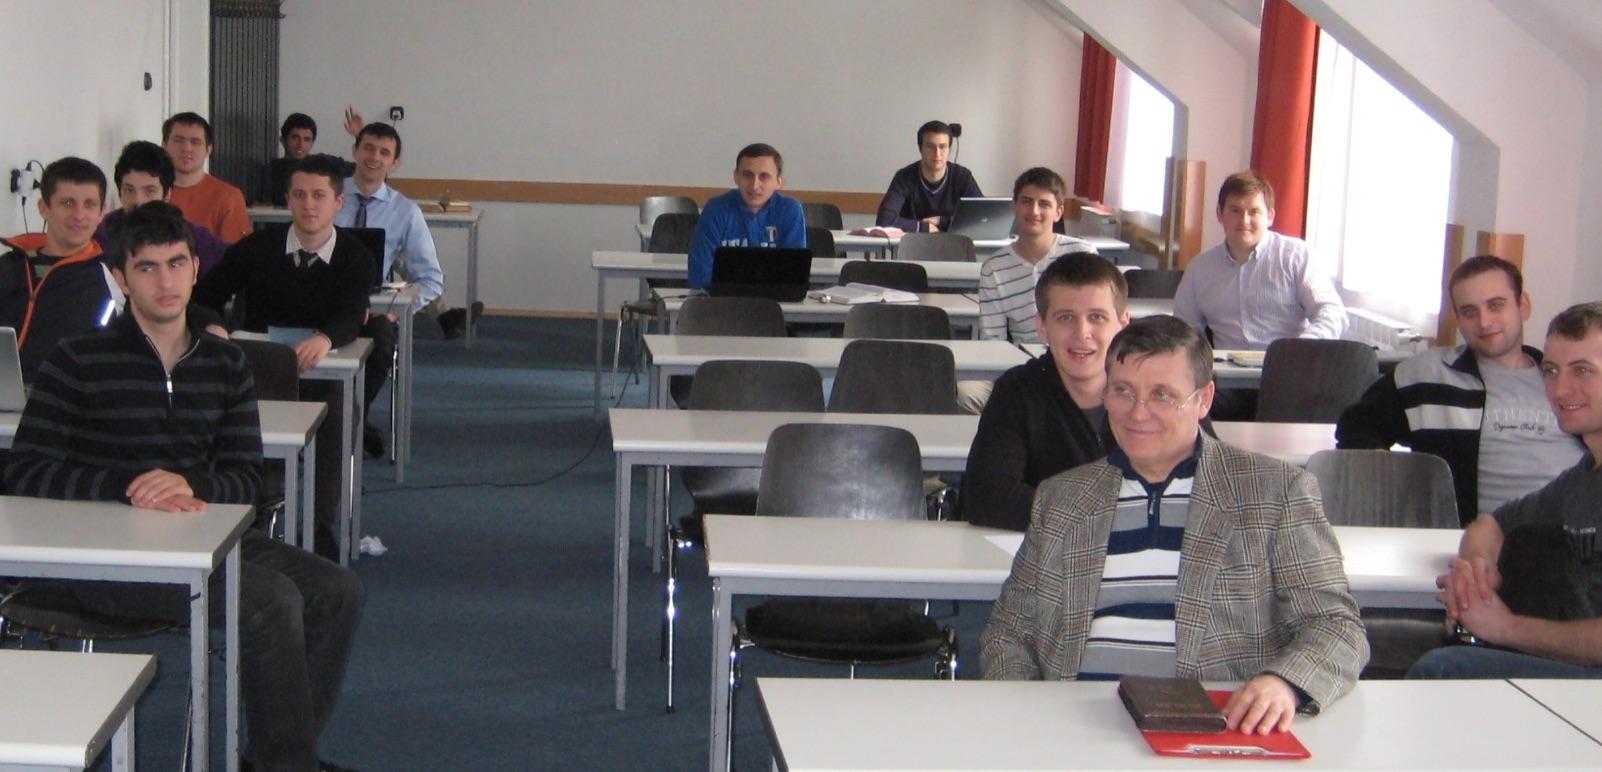 Emanuel class.jpg